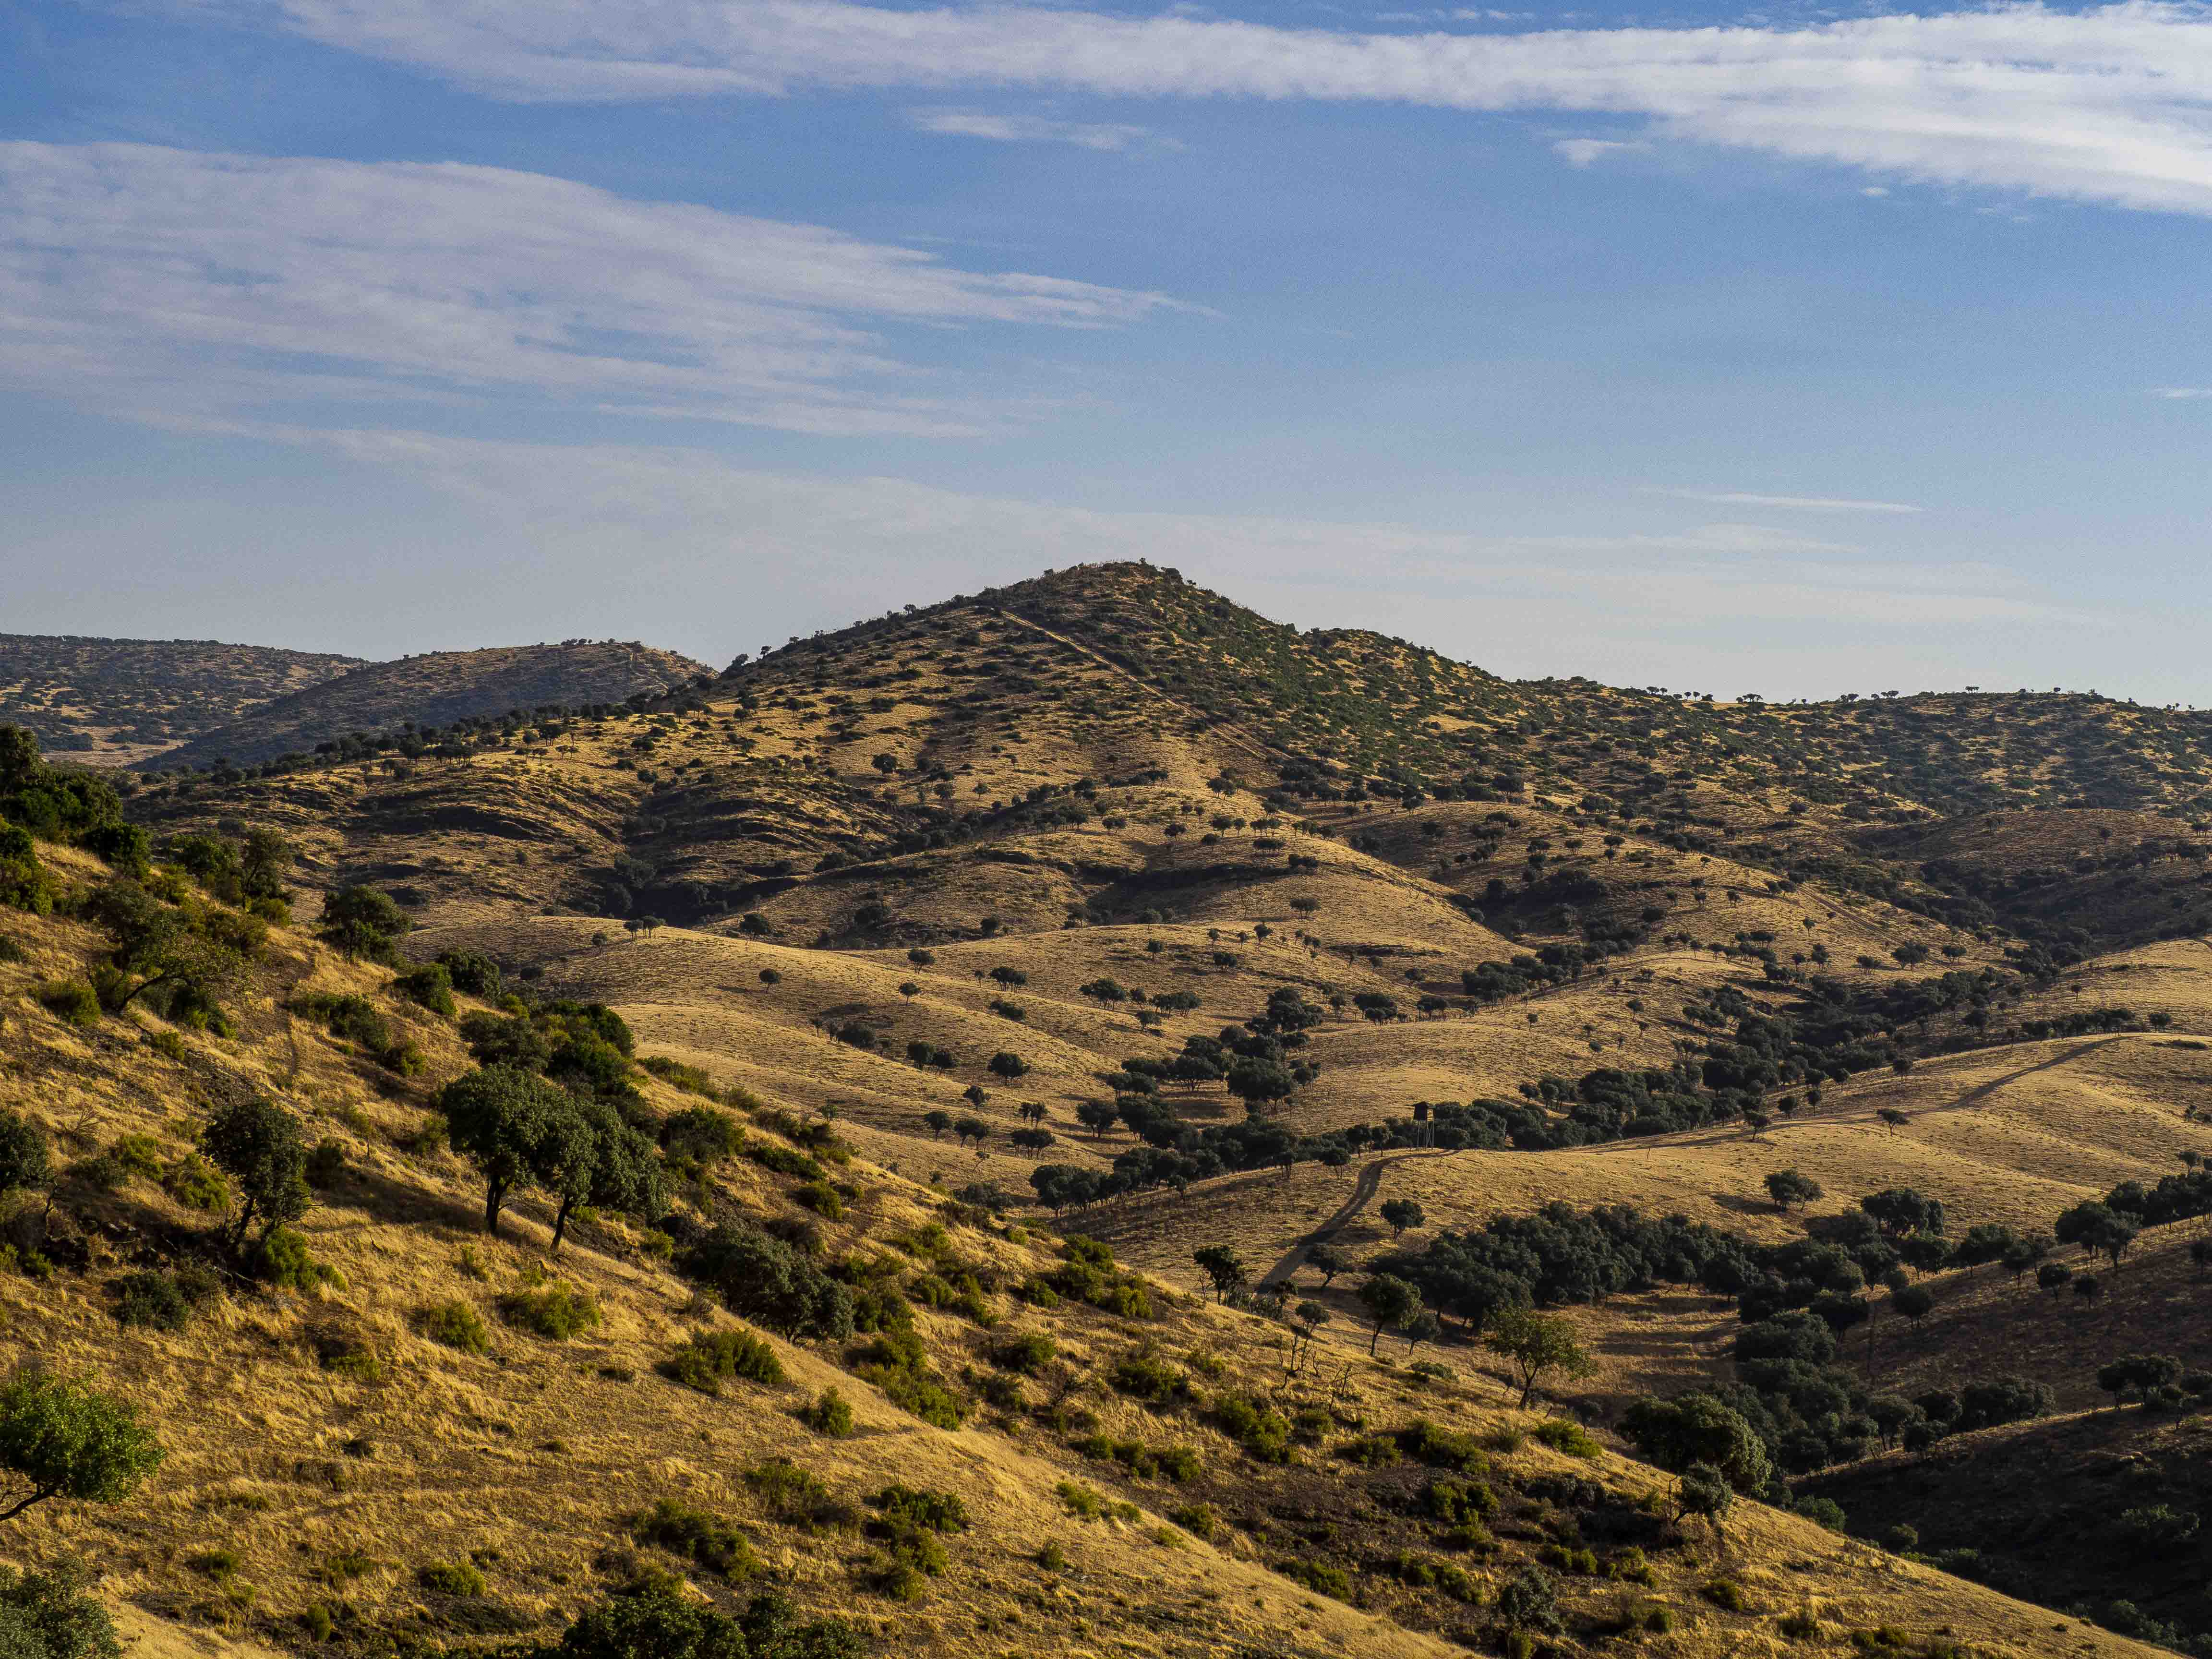 Vista del paisaje que durante el safari recorremos